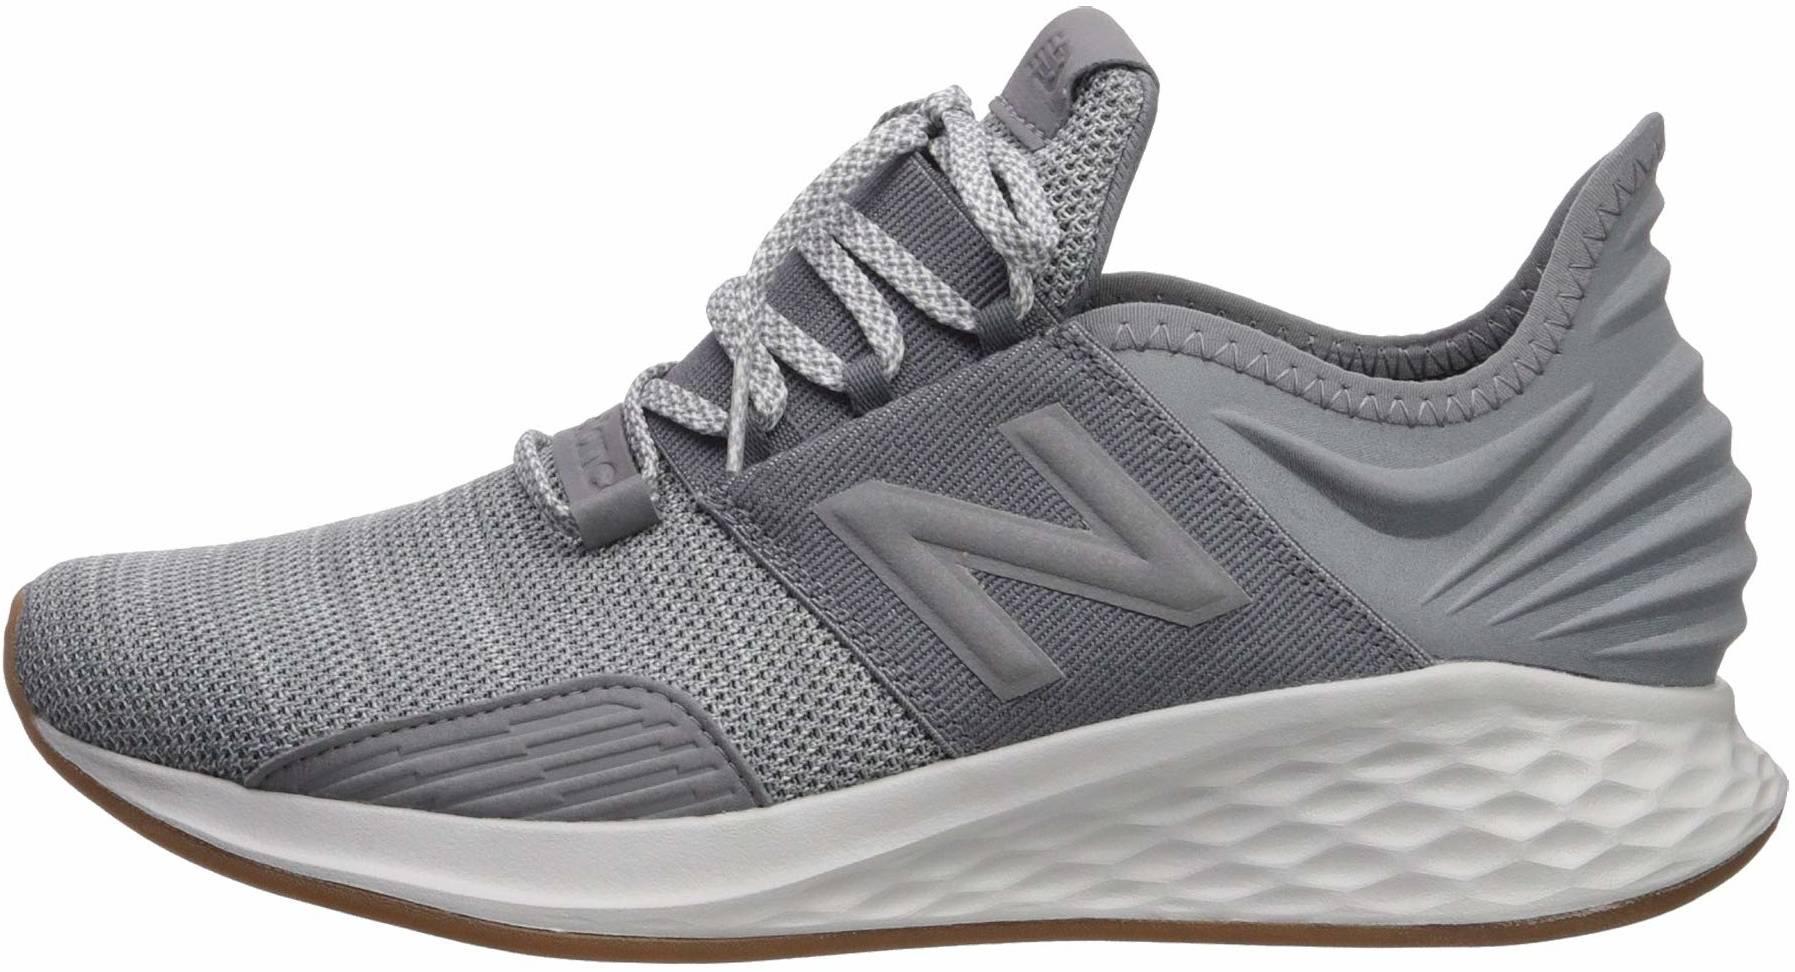 New Balance Cheap Running Shoes